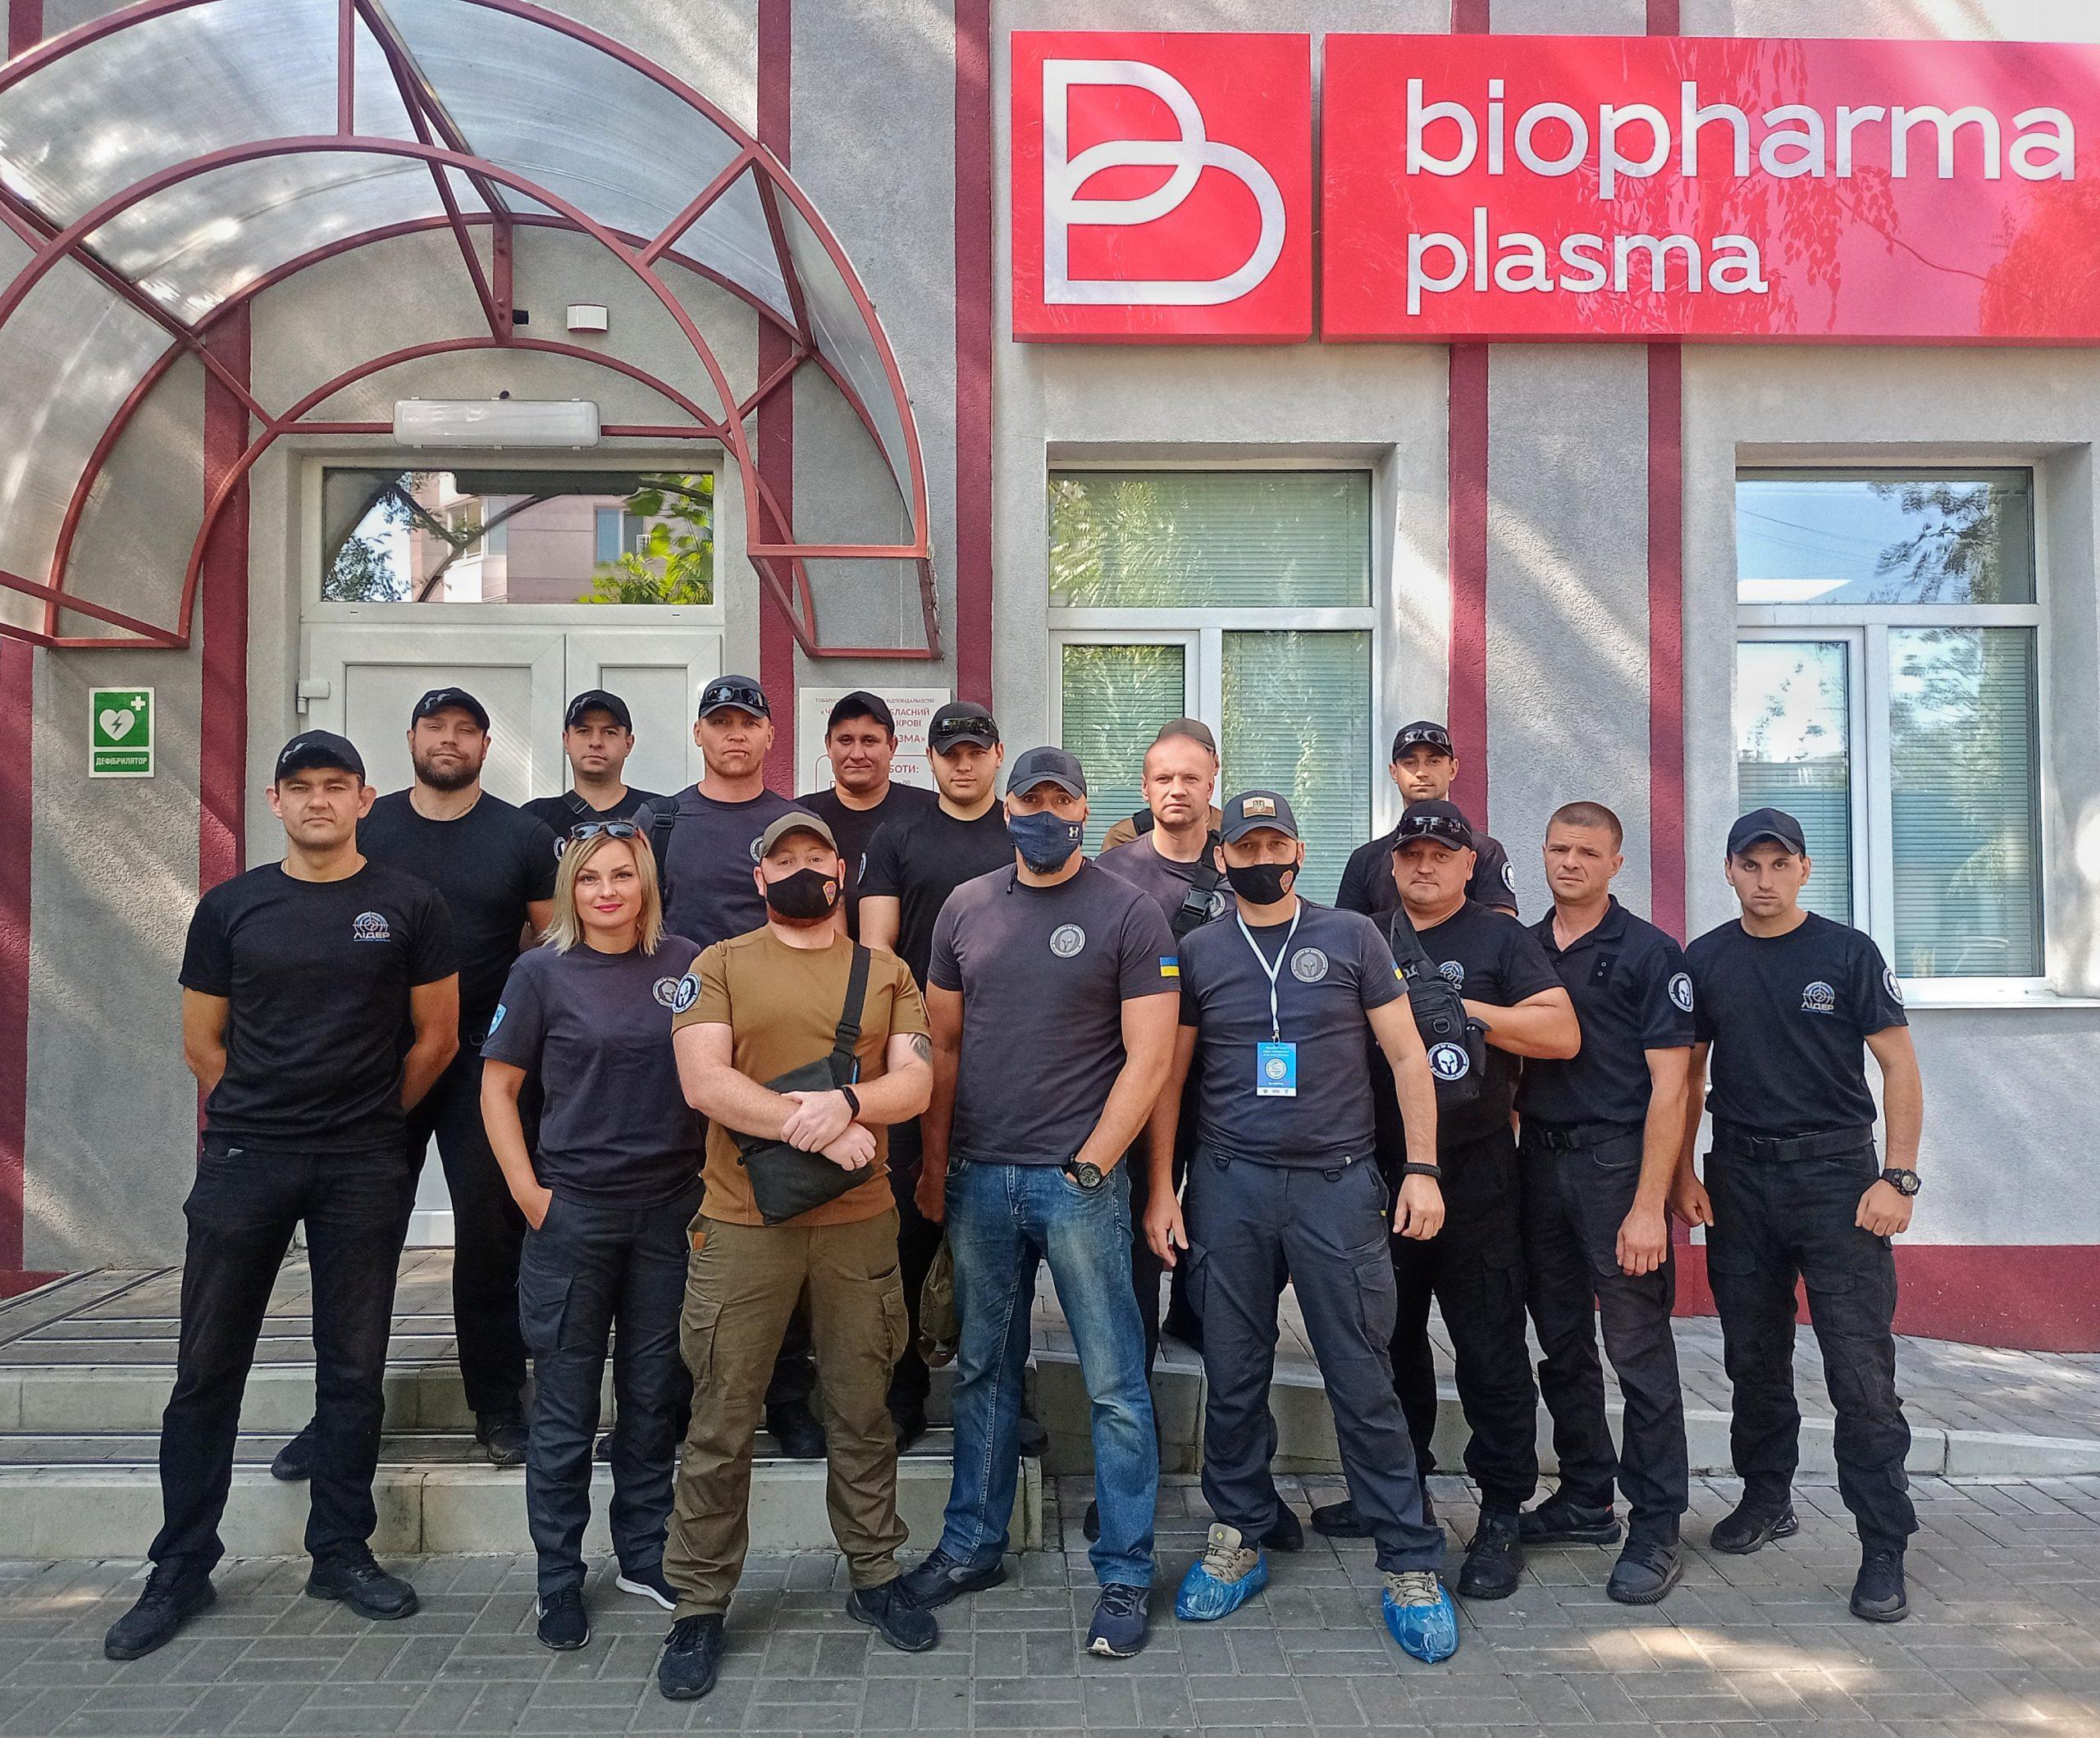 Тілоохоронці Черкащини стали донорами у «Biopharma Plasma Cherkasy»